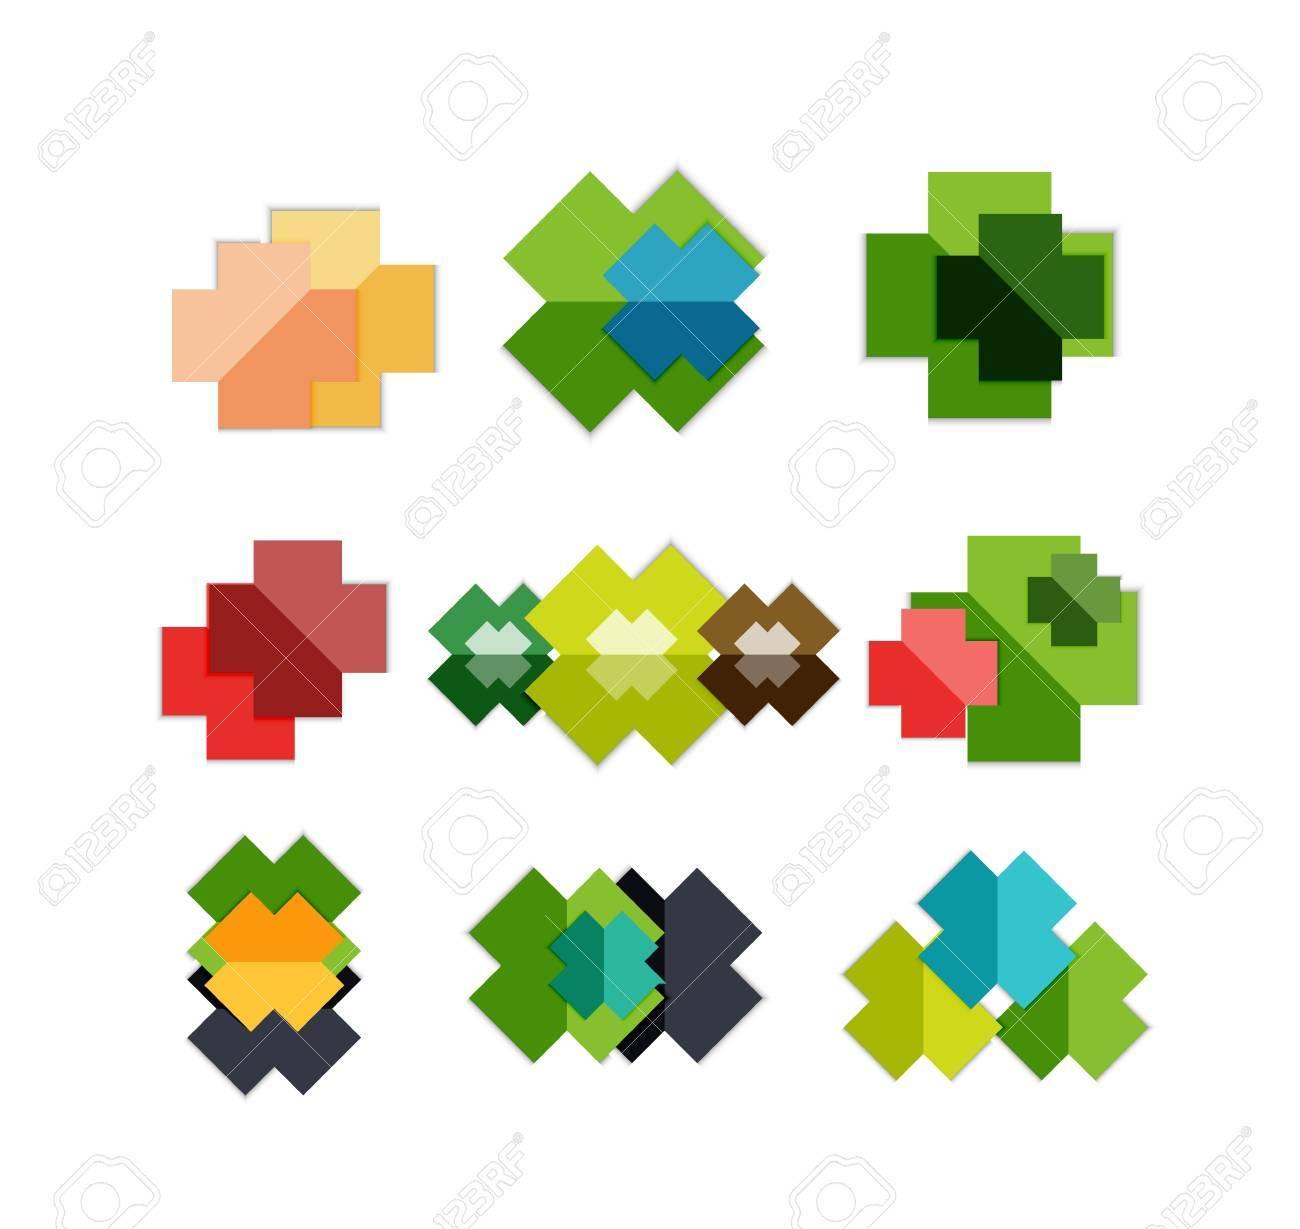 Jeu De Formes Géométriques Transversales - Symboles | Modèles Pour Le Fond  D'affaires | Bannières Numérotées | Secteurs D'activité | Site Web destiné Jeu De Forme Géométrique